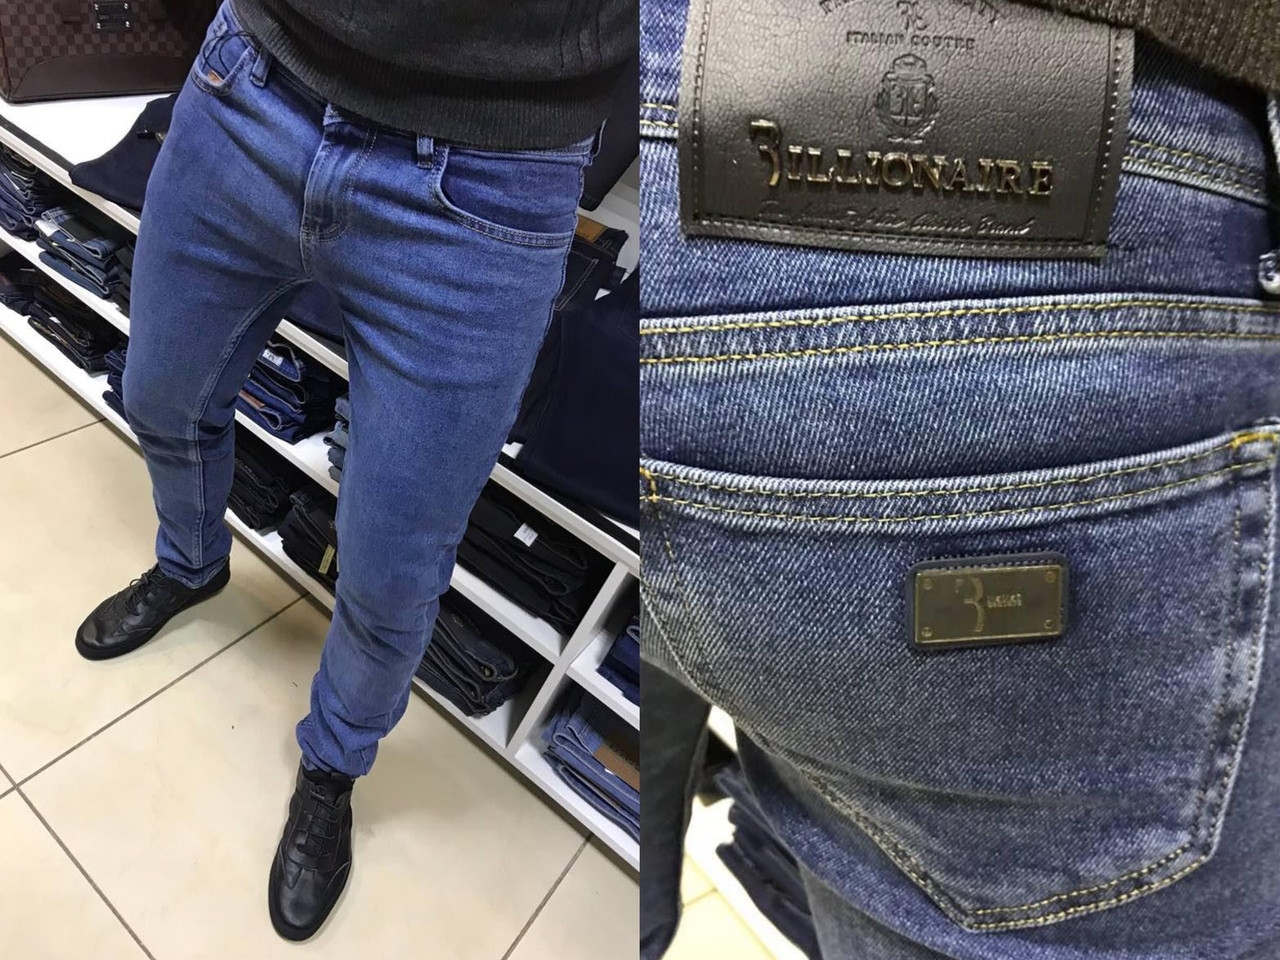 Мужские джинсы  2018 Прекрасное лекало и посадка оригинал Размеры: 29, 30, 31,32 ,33, 34, 36